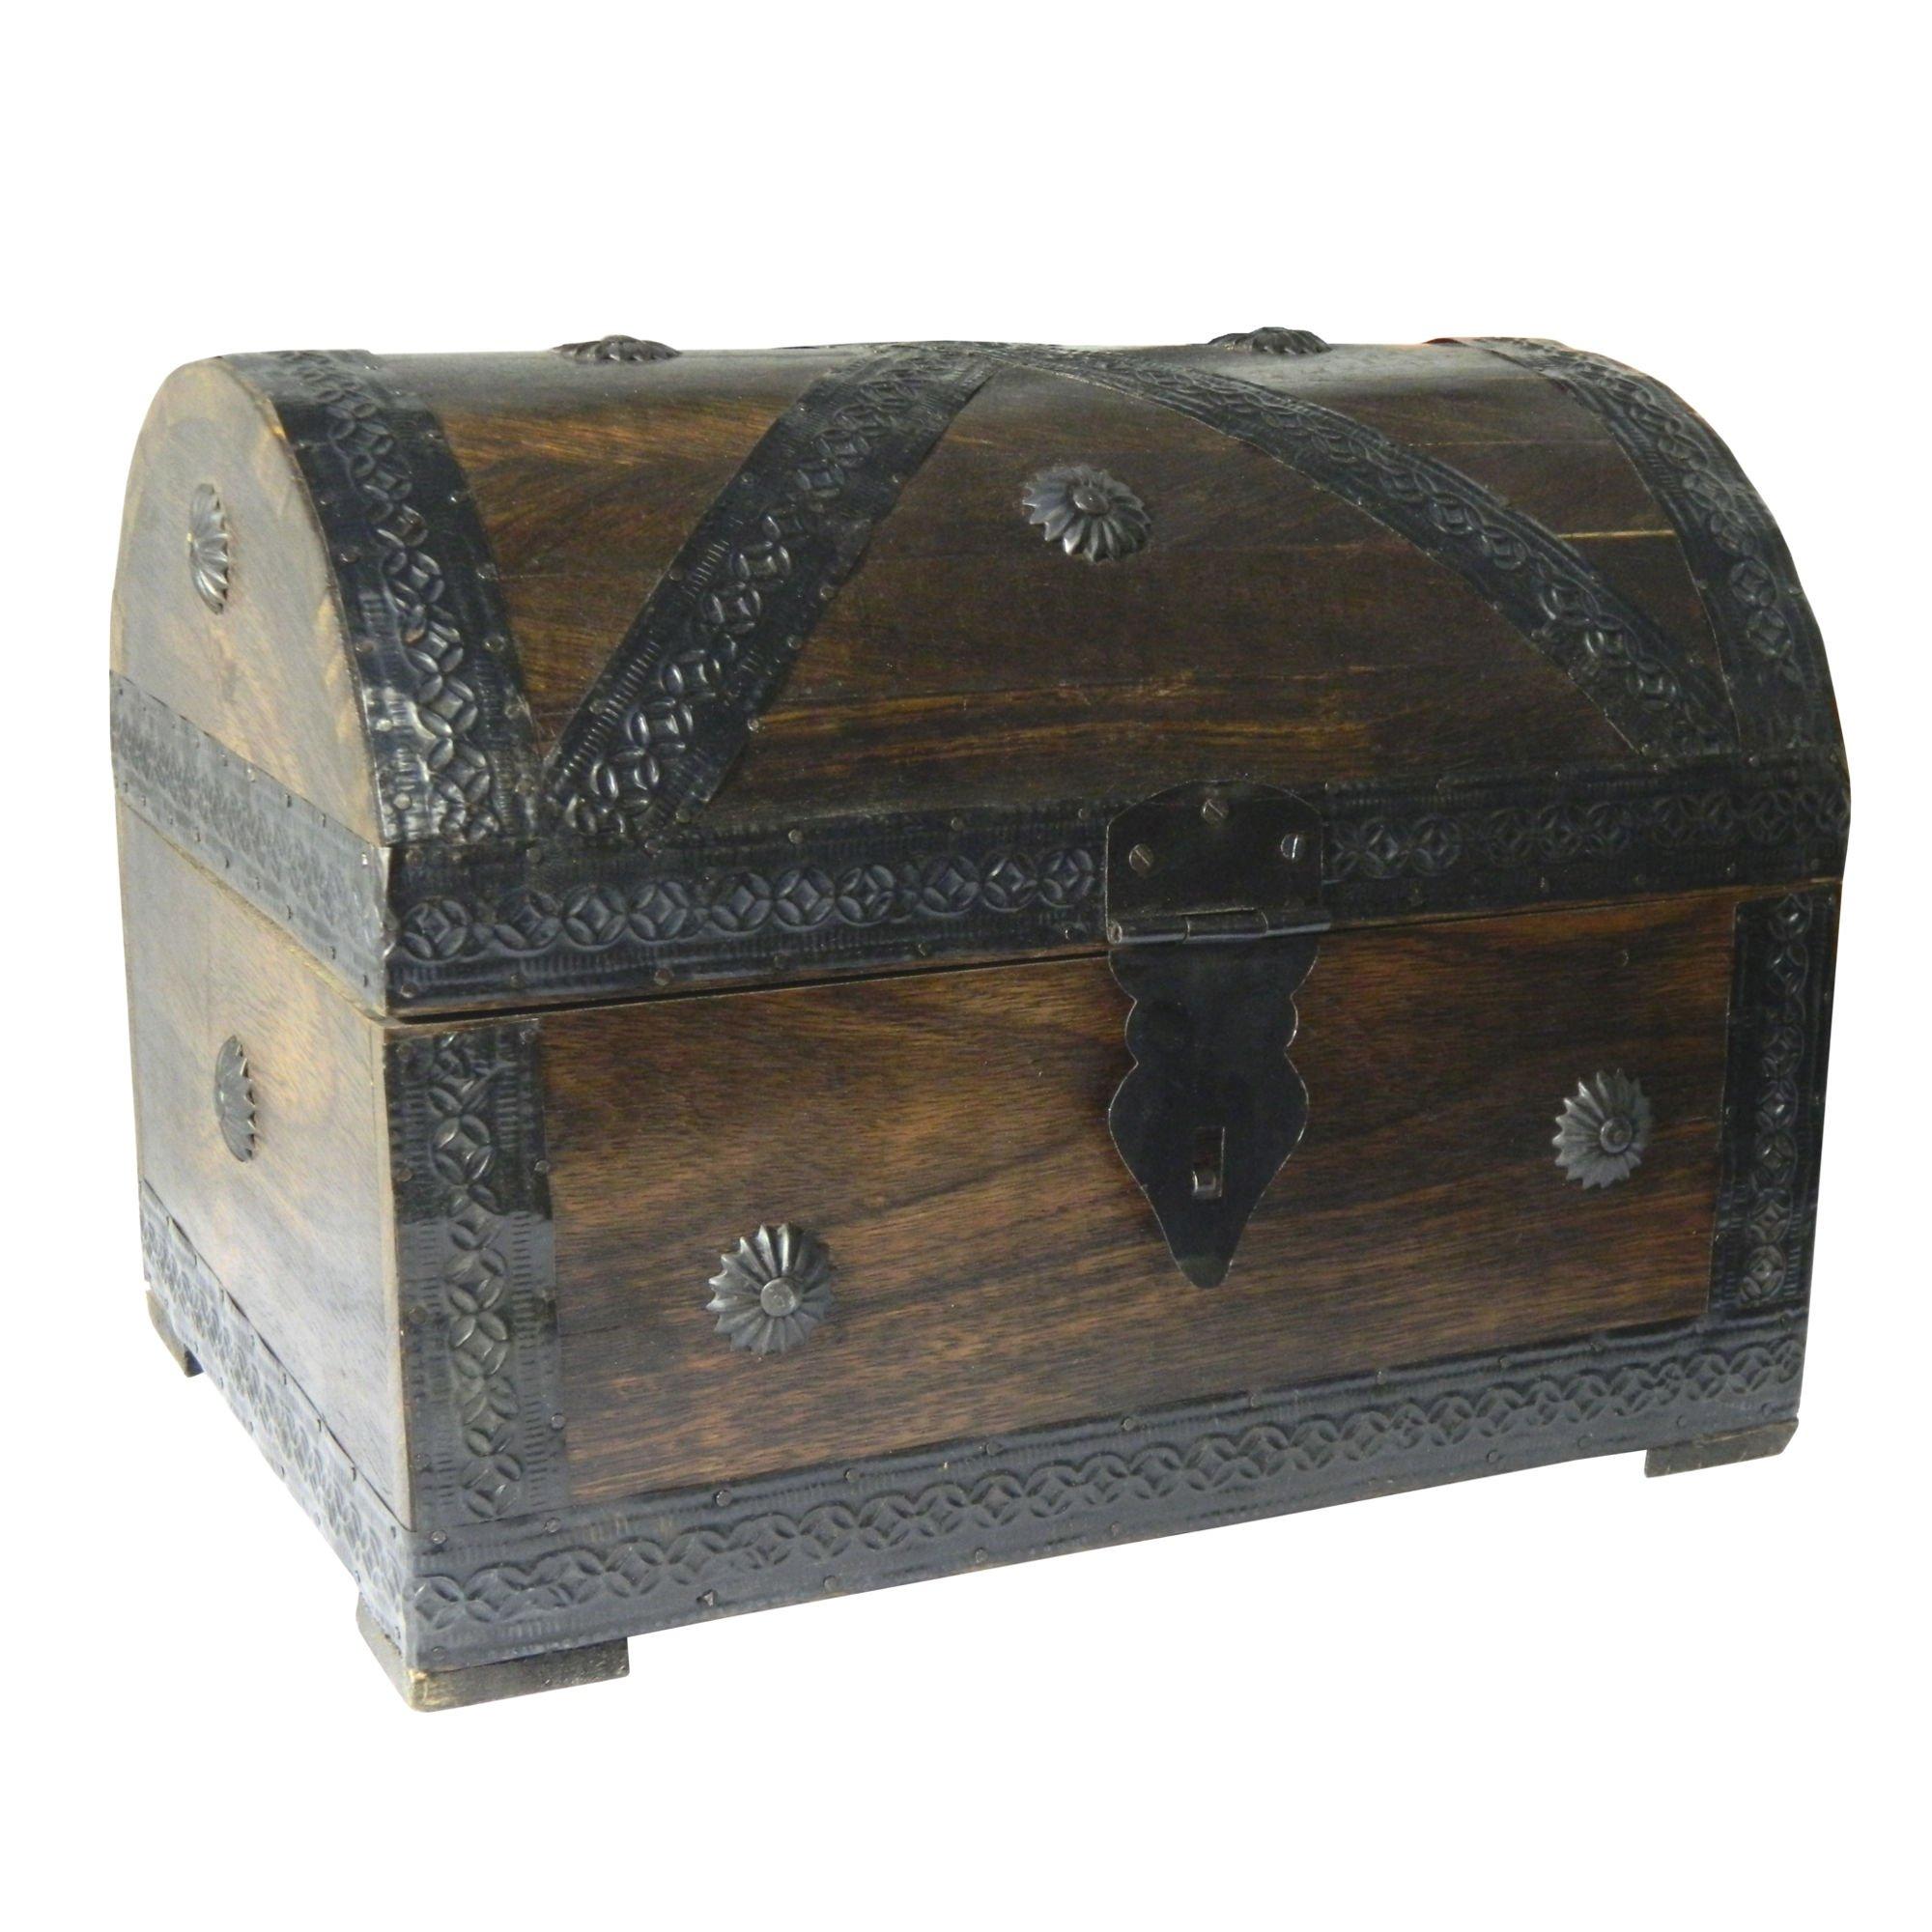 Cofre del tesoro caja de madera cofre pirata aspecto antiguo almacenamiento 28x21x21cm product image